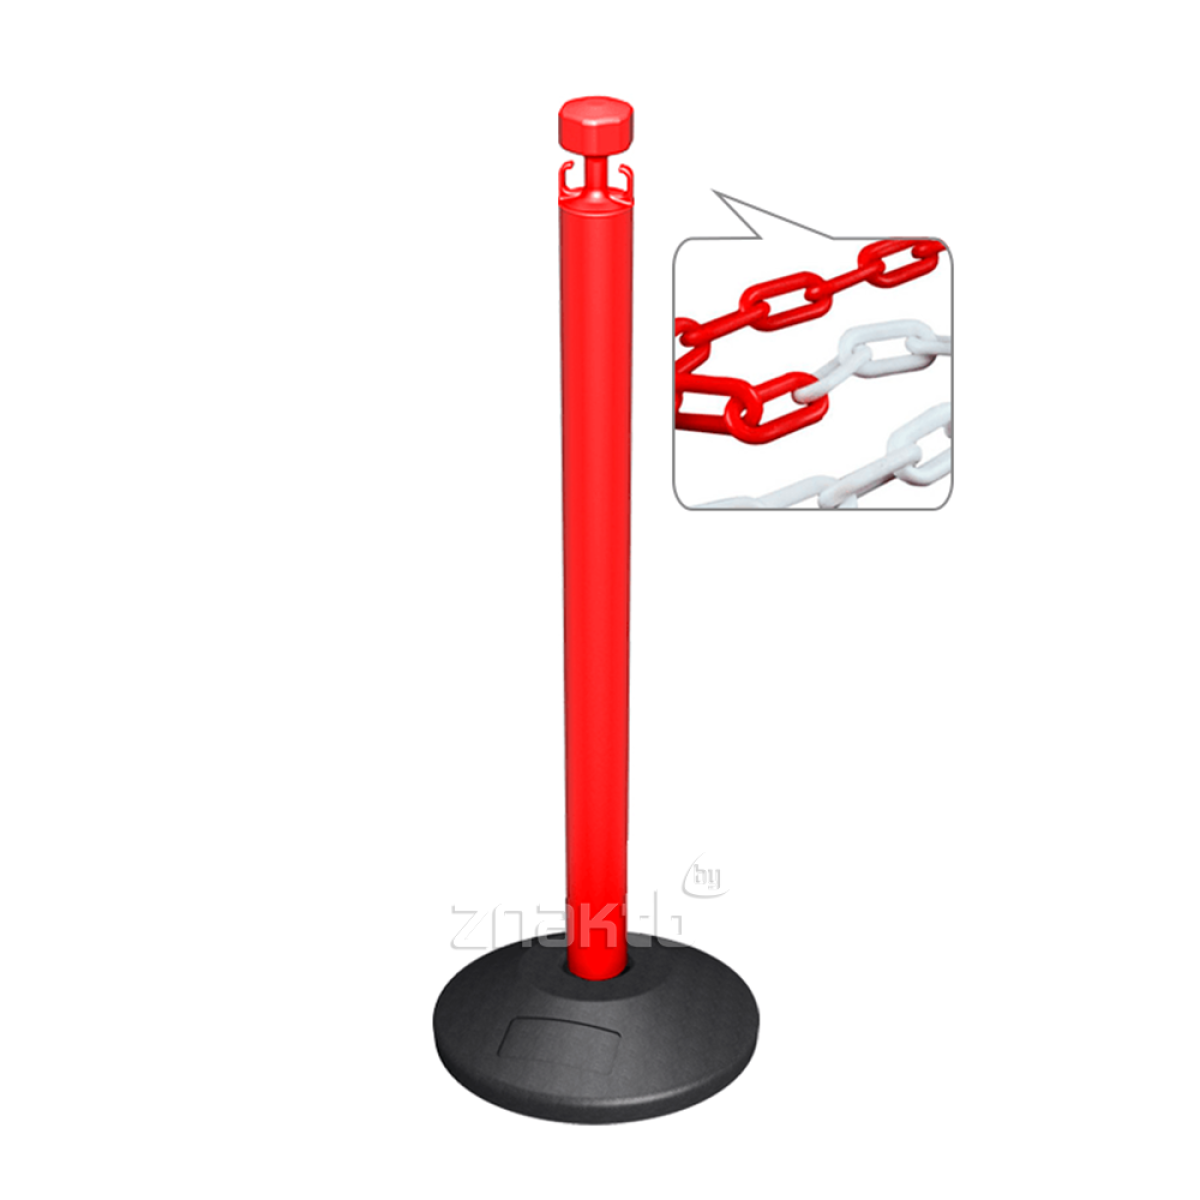 991112 Стойка ограждения с цепью пластиковая красная основание стандарт красно-белая цепь